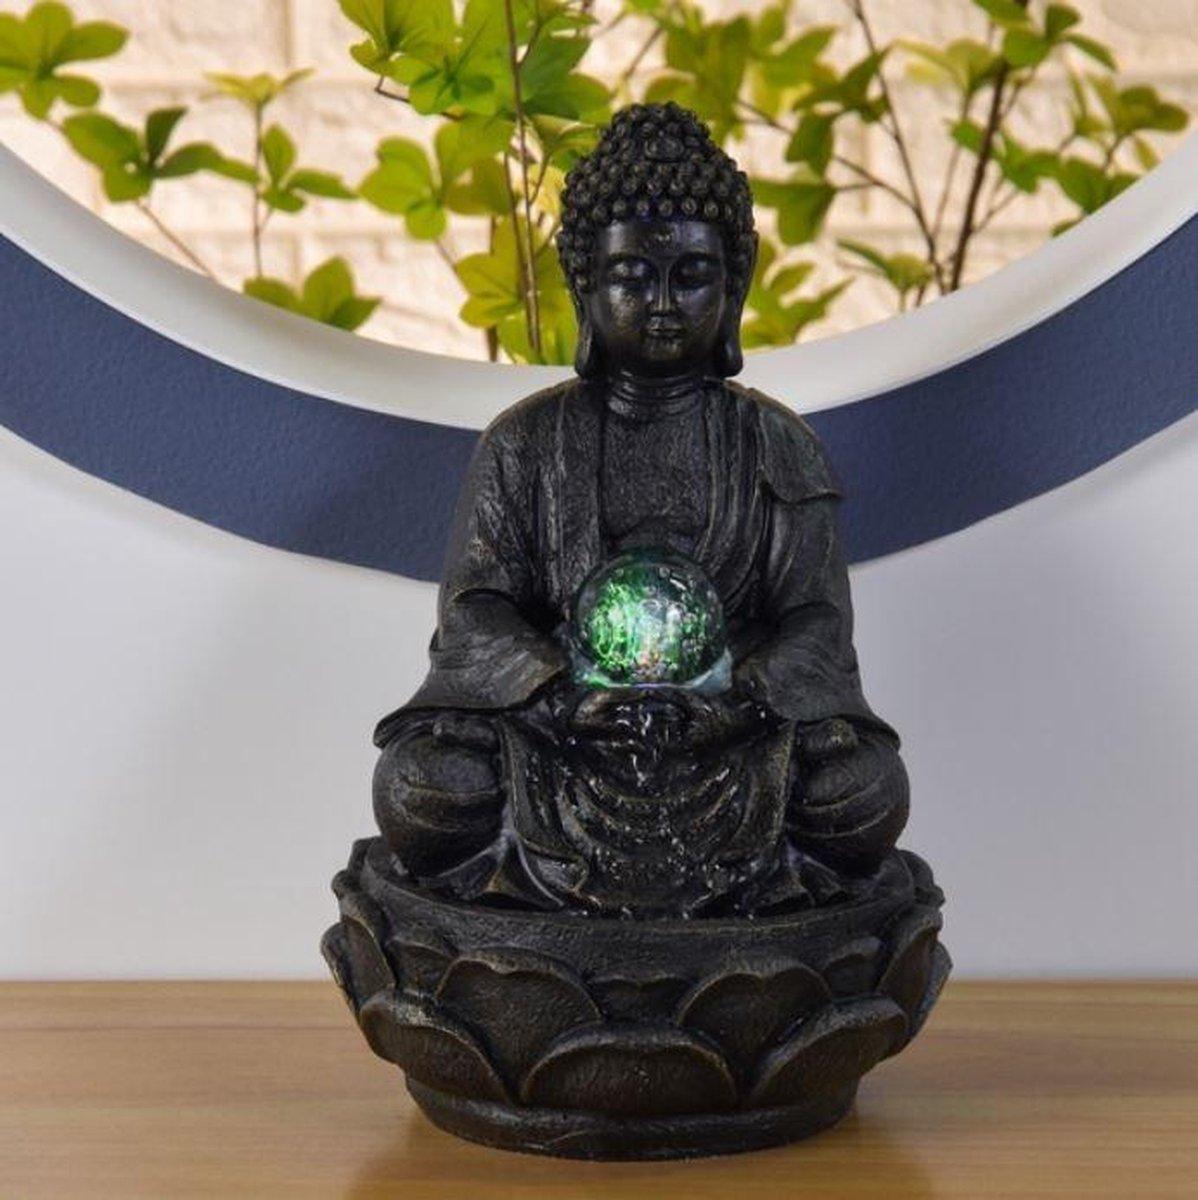 Grand Boeddha Méditation - fontein -interieur - fontein voor binnen - relaxeer - zen - waterornament - cadeau - geschenk - relatiegeschenk - origineel - lente - zomer - lentecollectie - zomercollectie - afkoeling - koelte